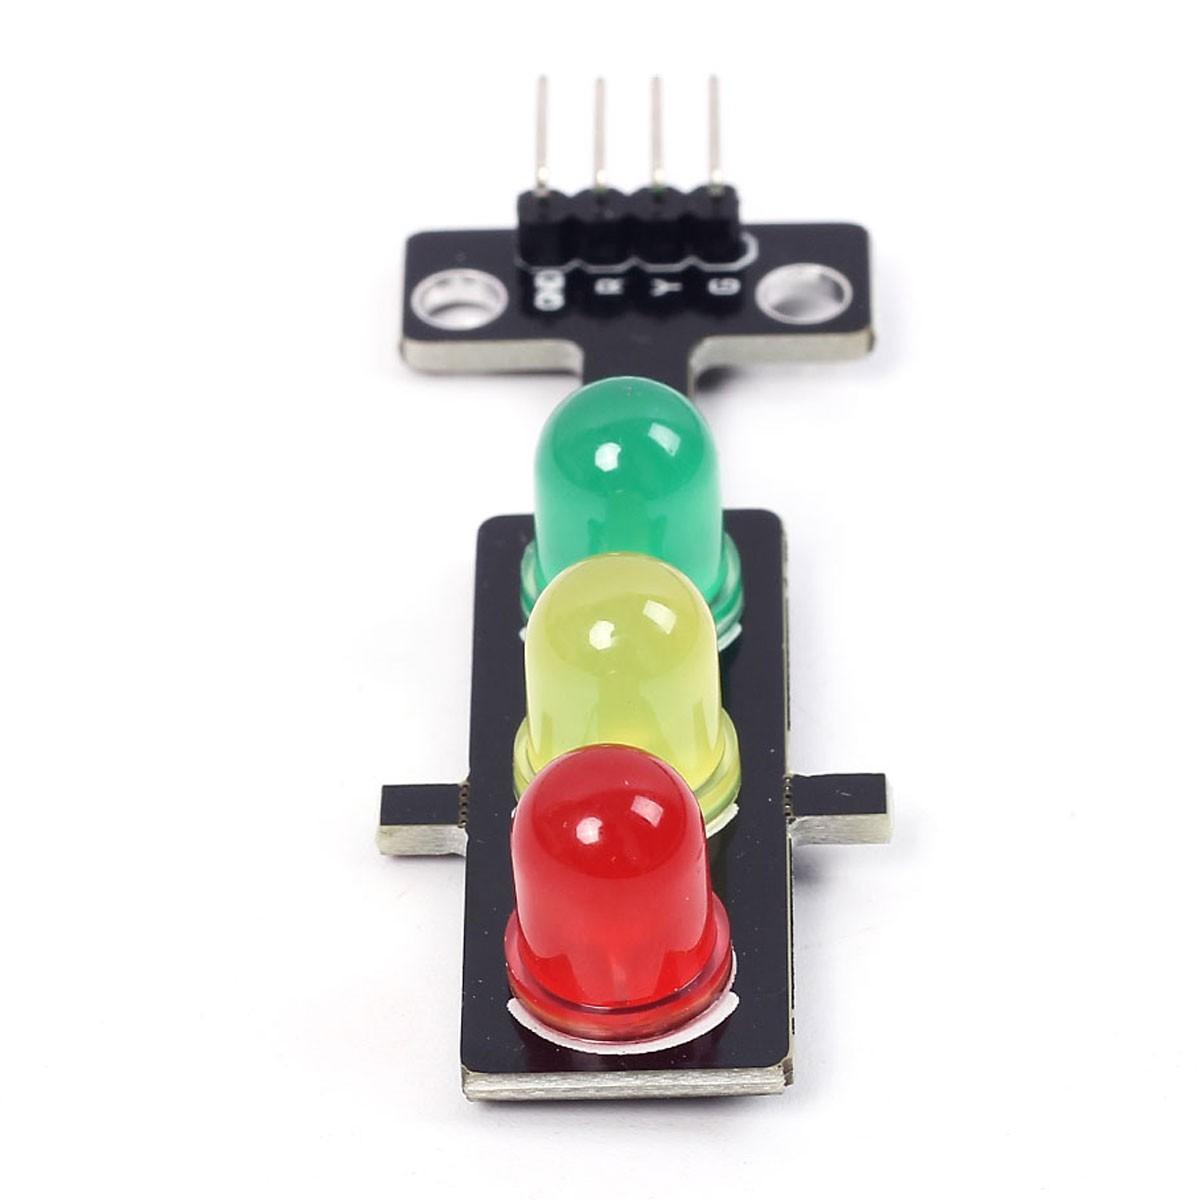 Módulo Semáforo com Leds de 8mm 3v